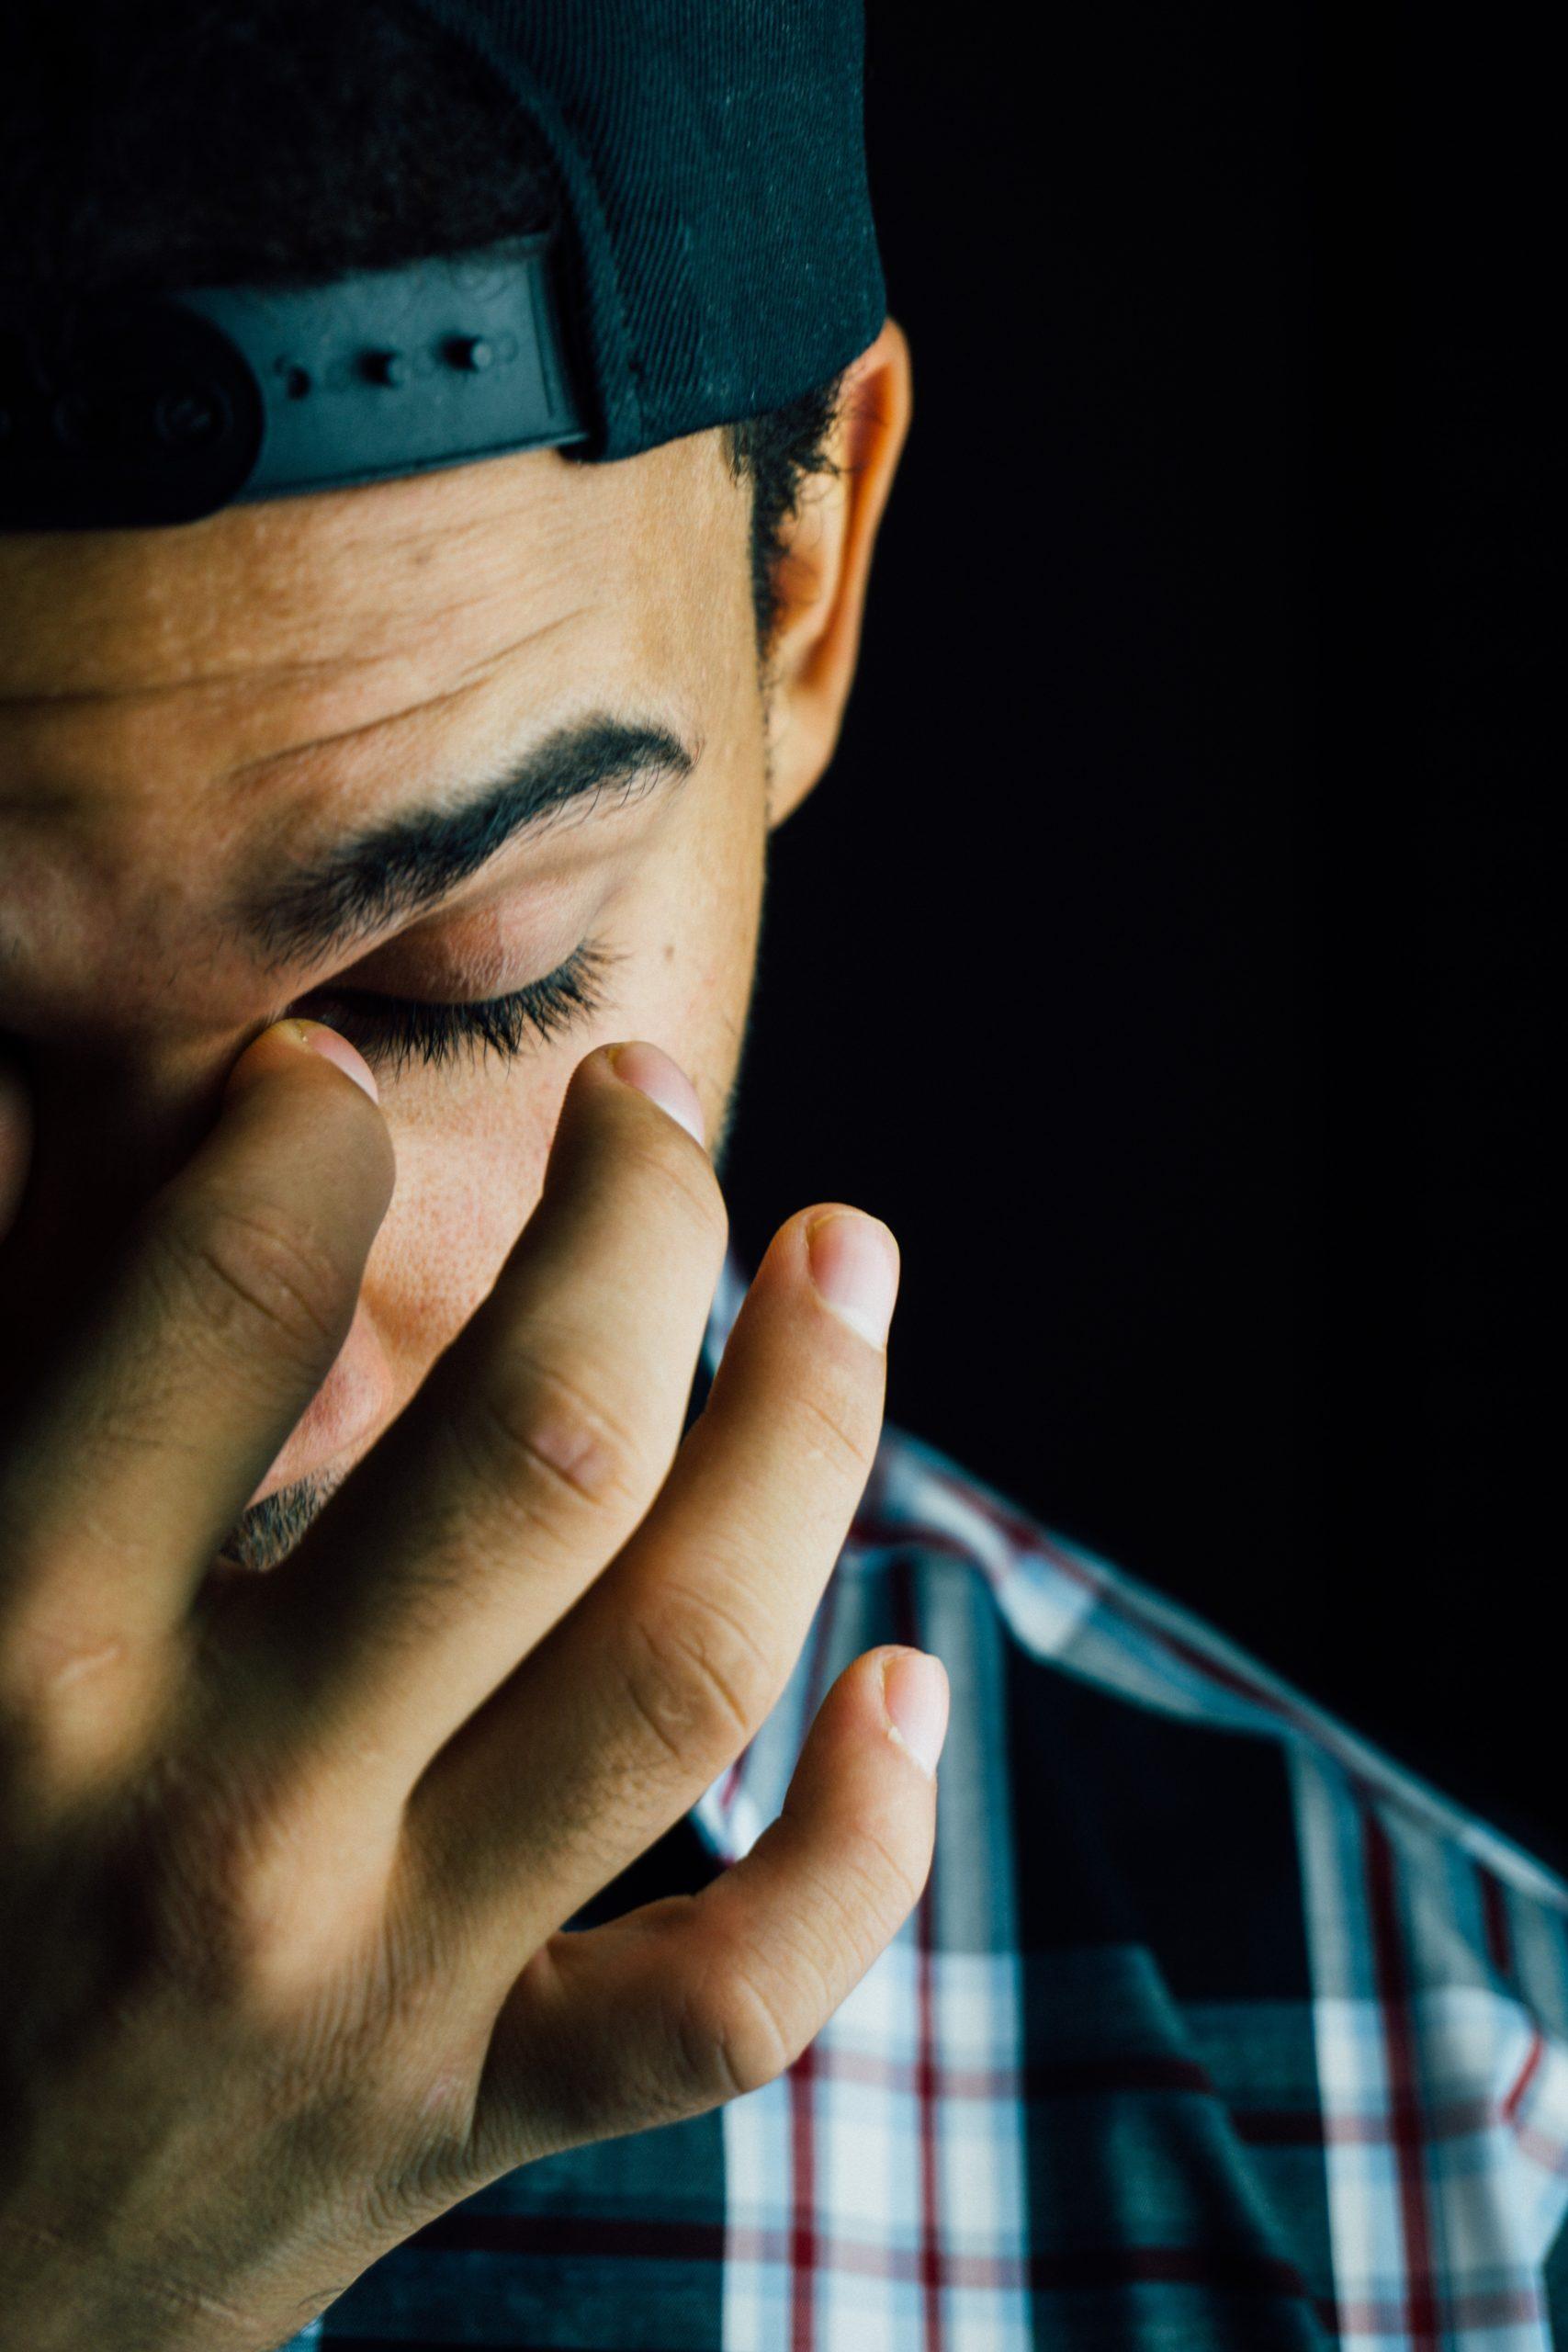 Les signes de la fatigue